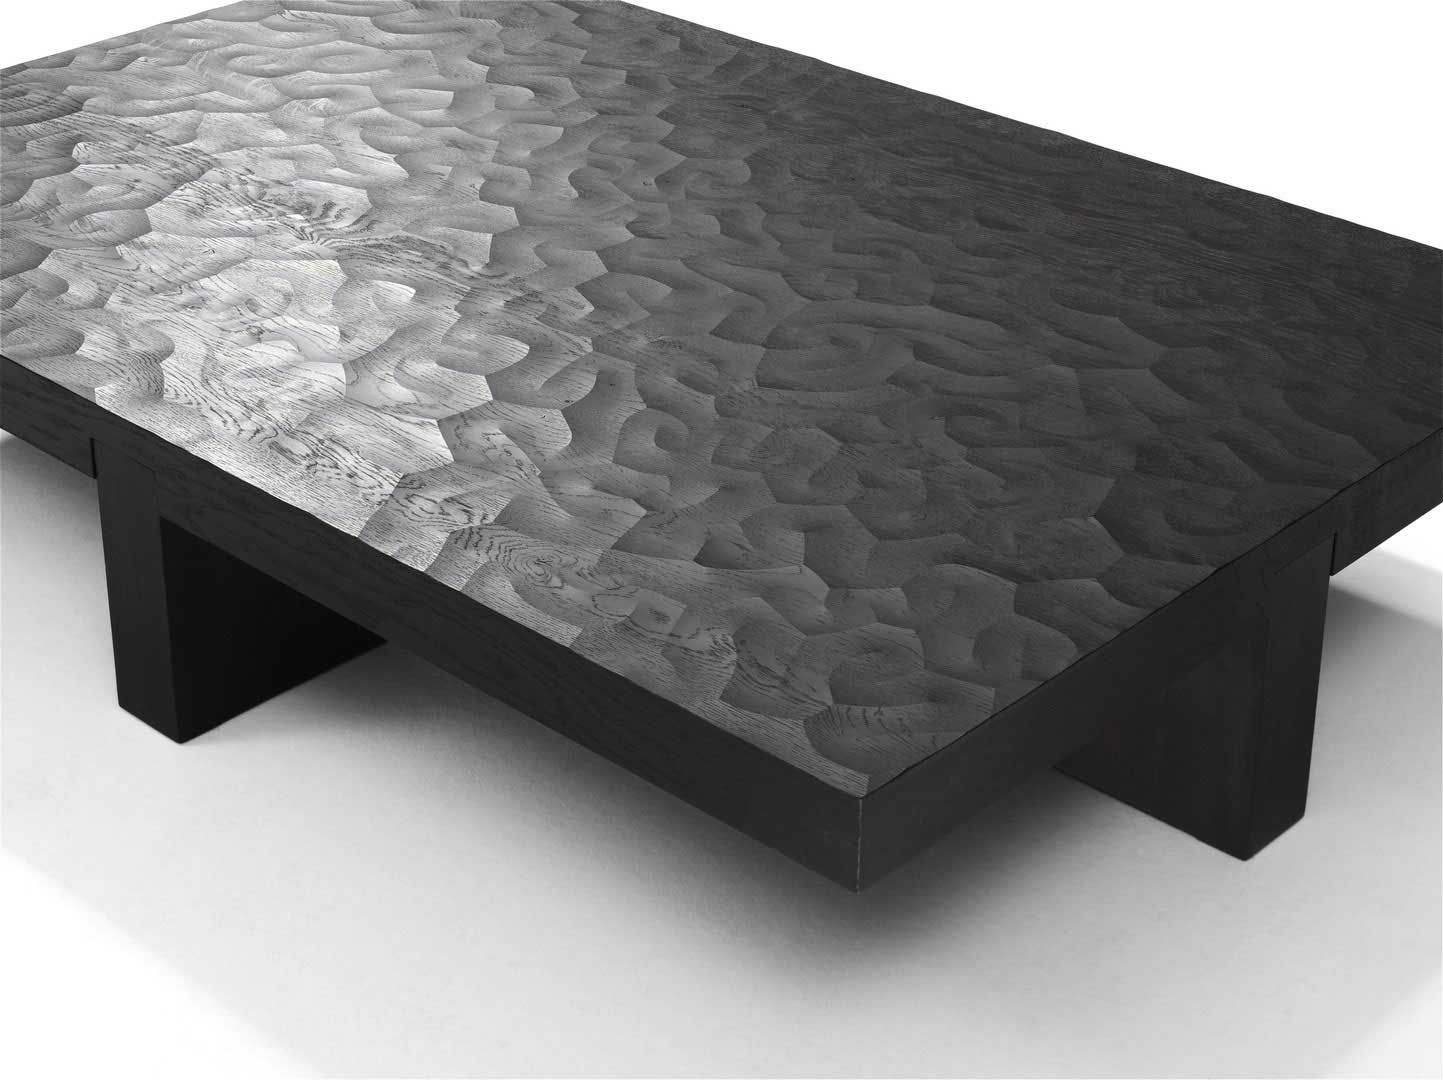 Wohnzimmertisch kaufen ~ Linteloo design couchtisch low tide kaufen im borono online shop